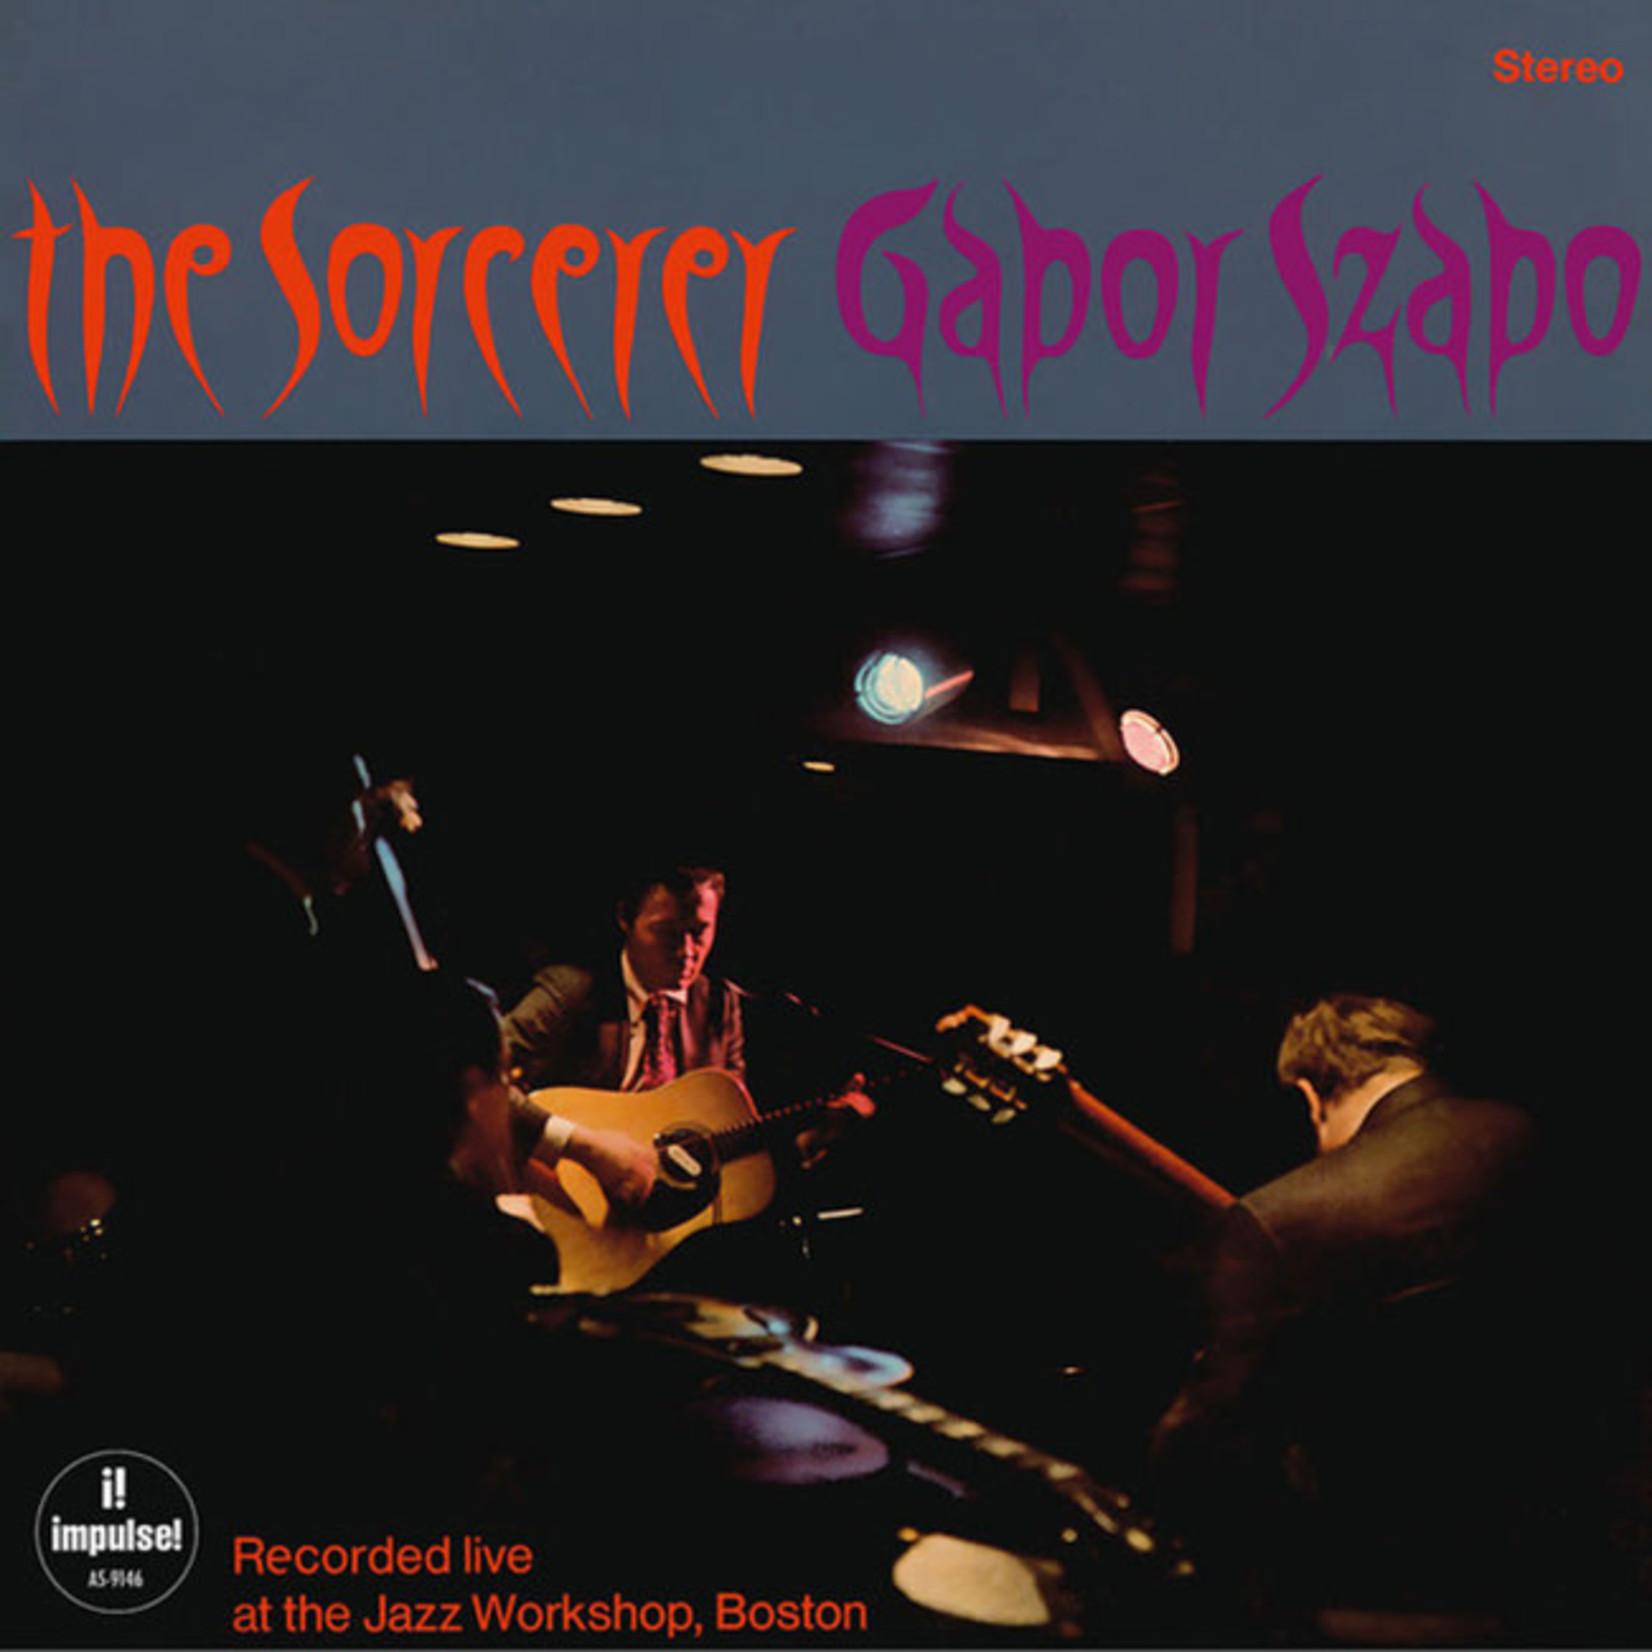 [New] Szabo, Gabor: The Sorcerer